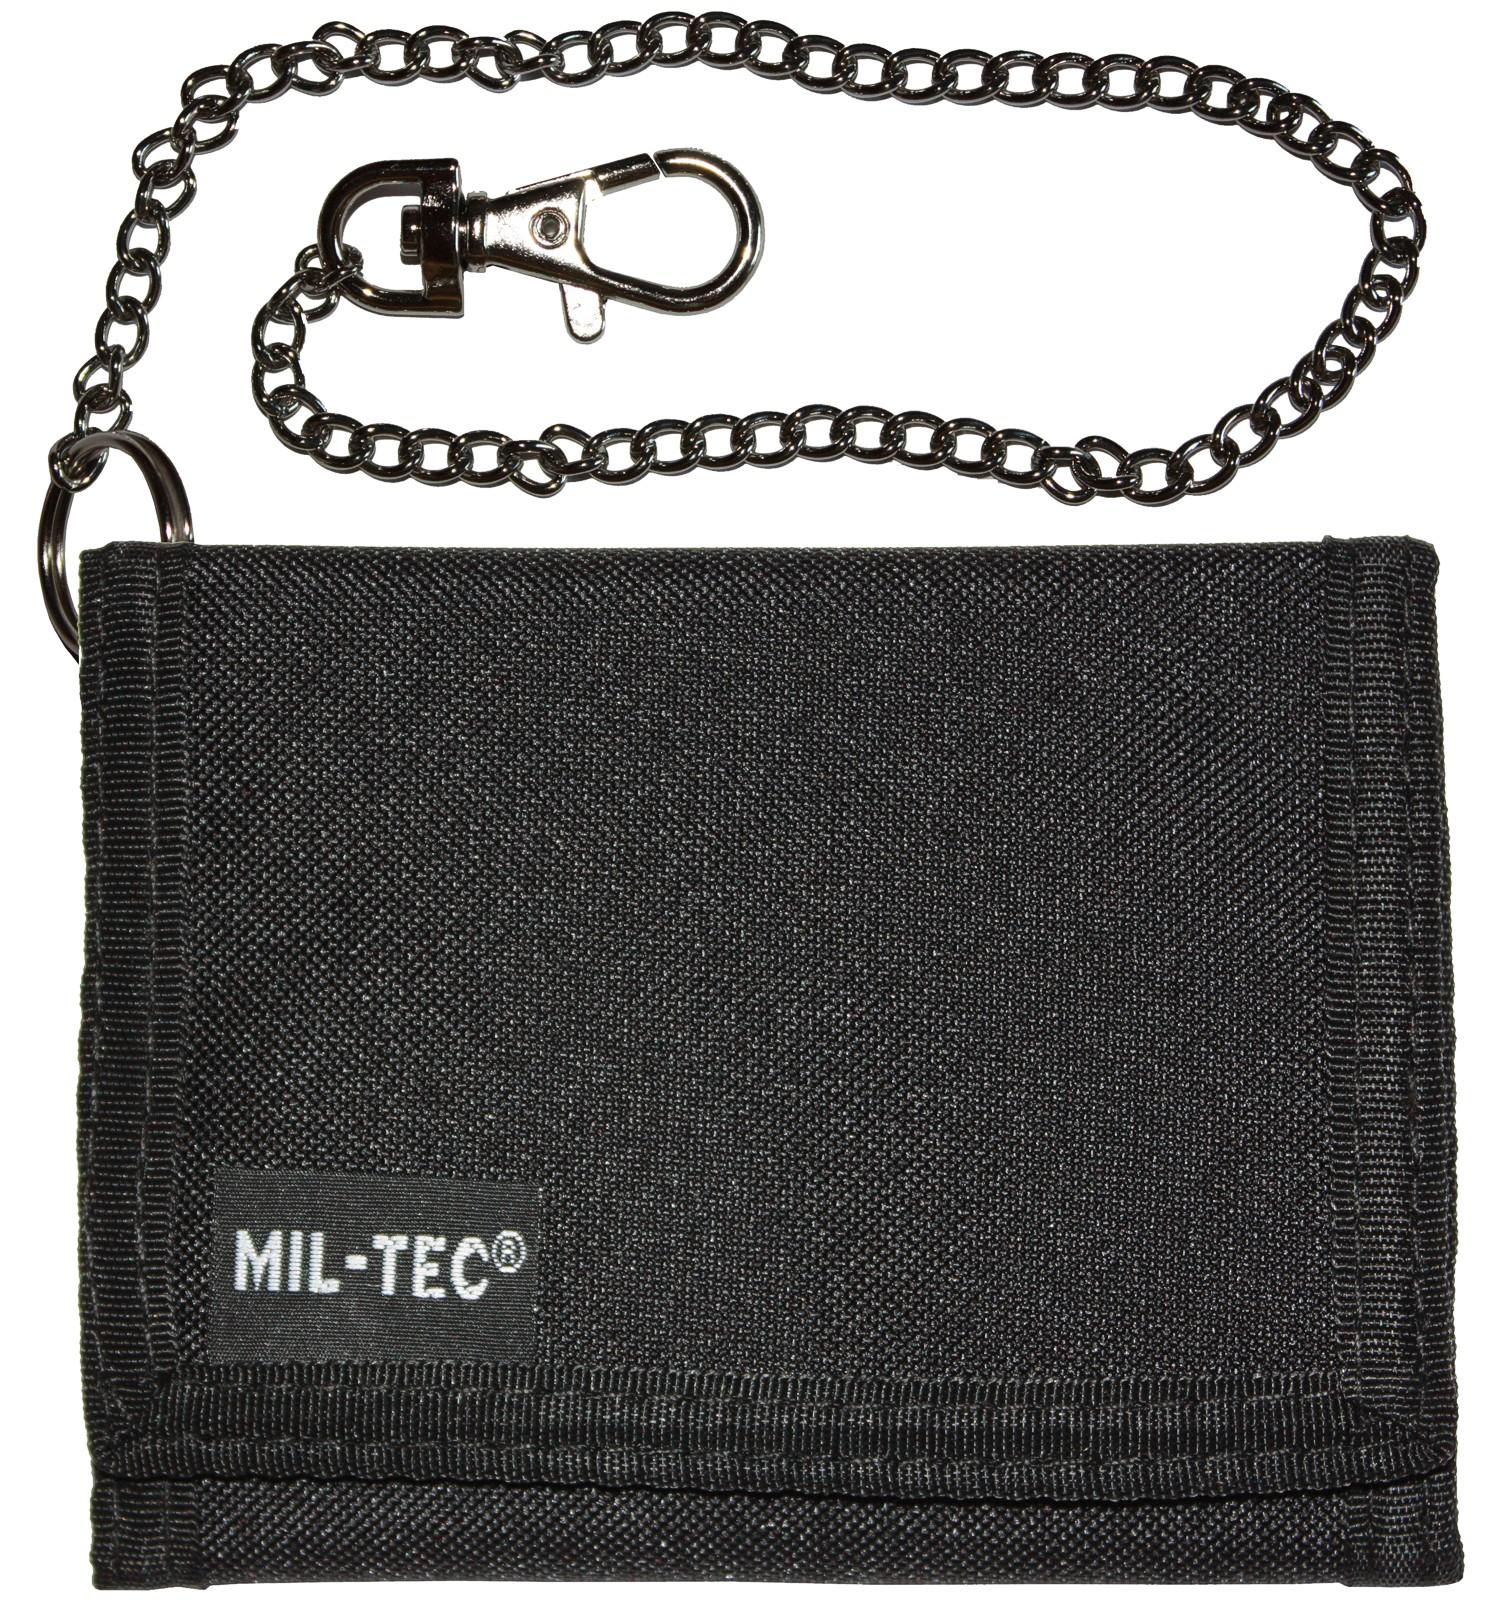 Mil-Tec Geldbeutel Geldbörse Klettverschluss Sicherheitskette Schwarz